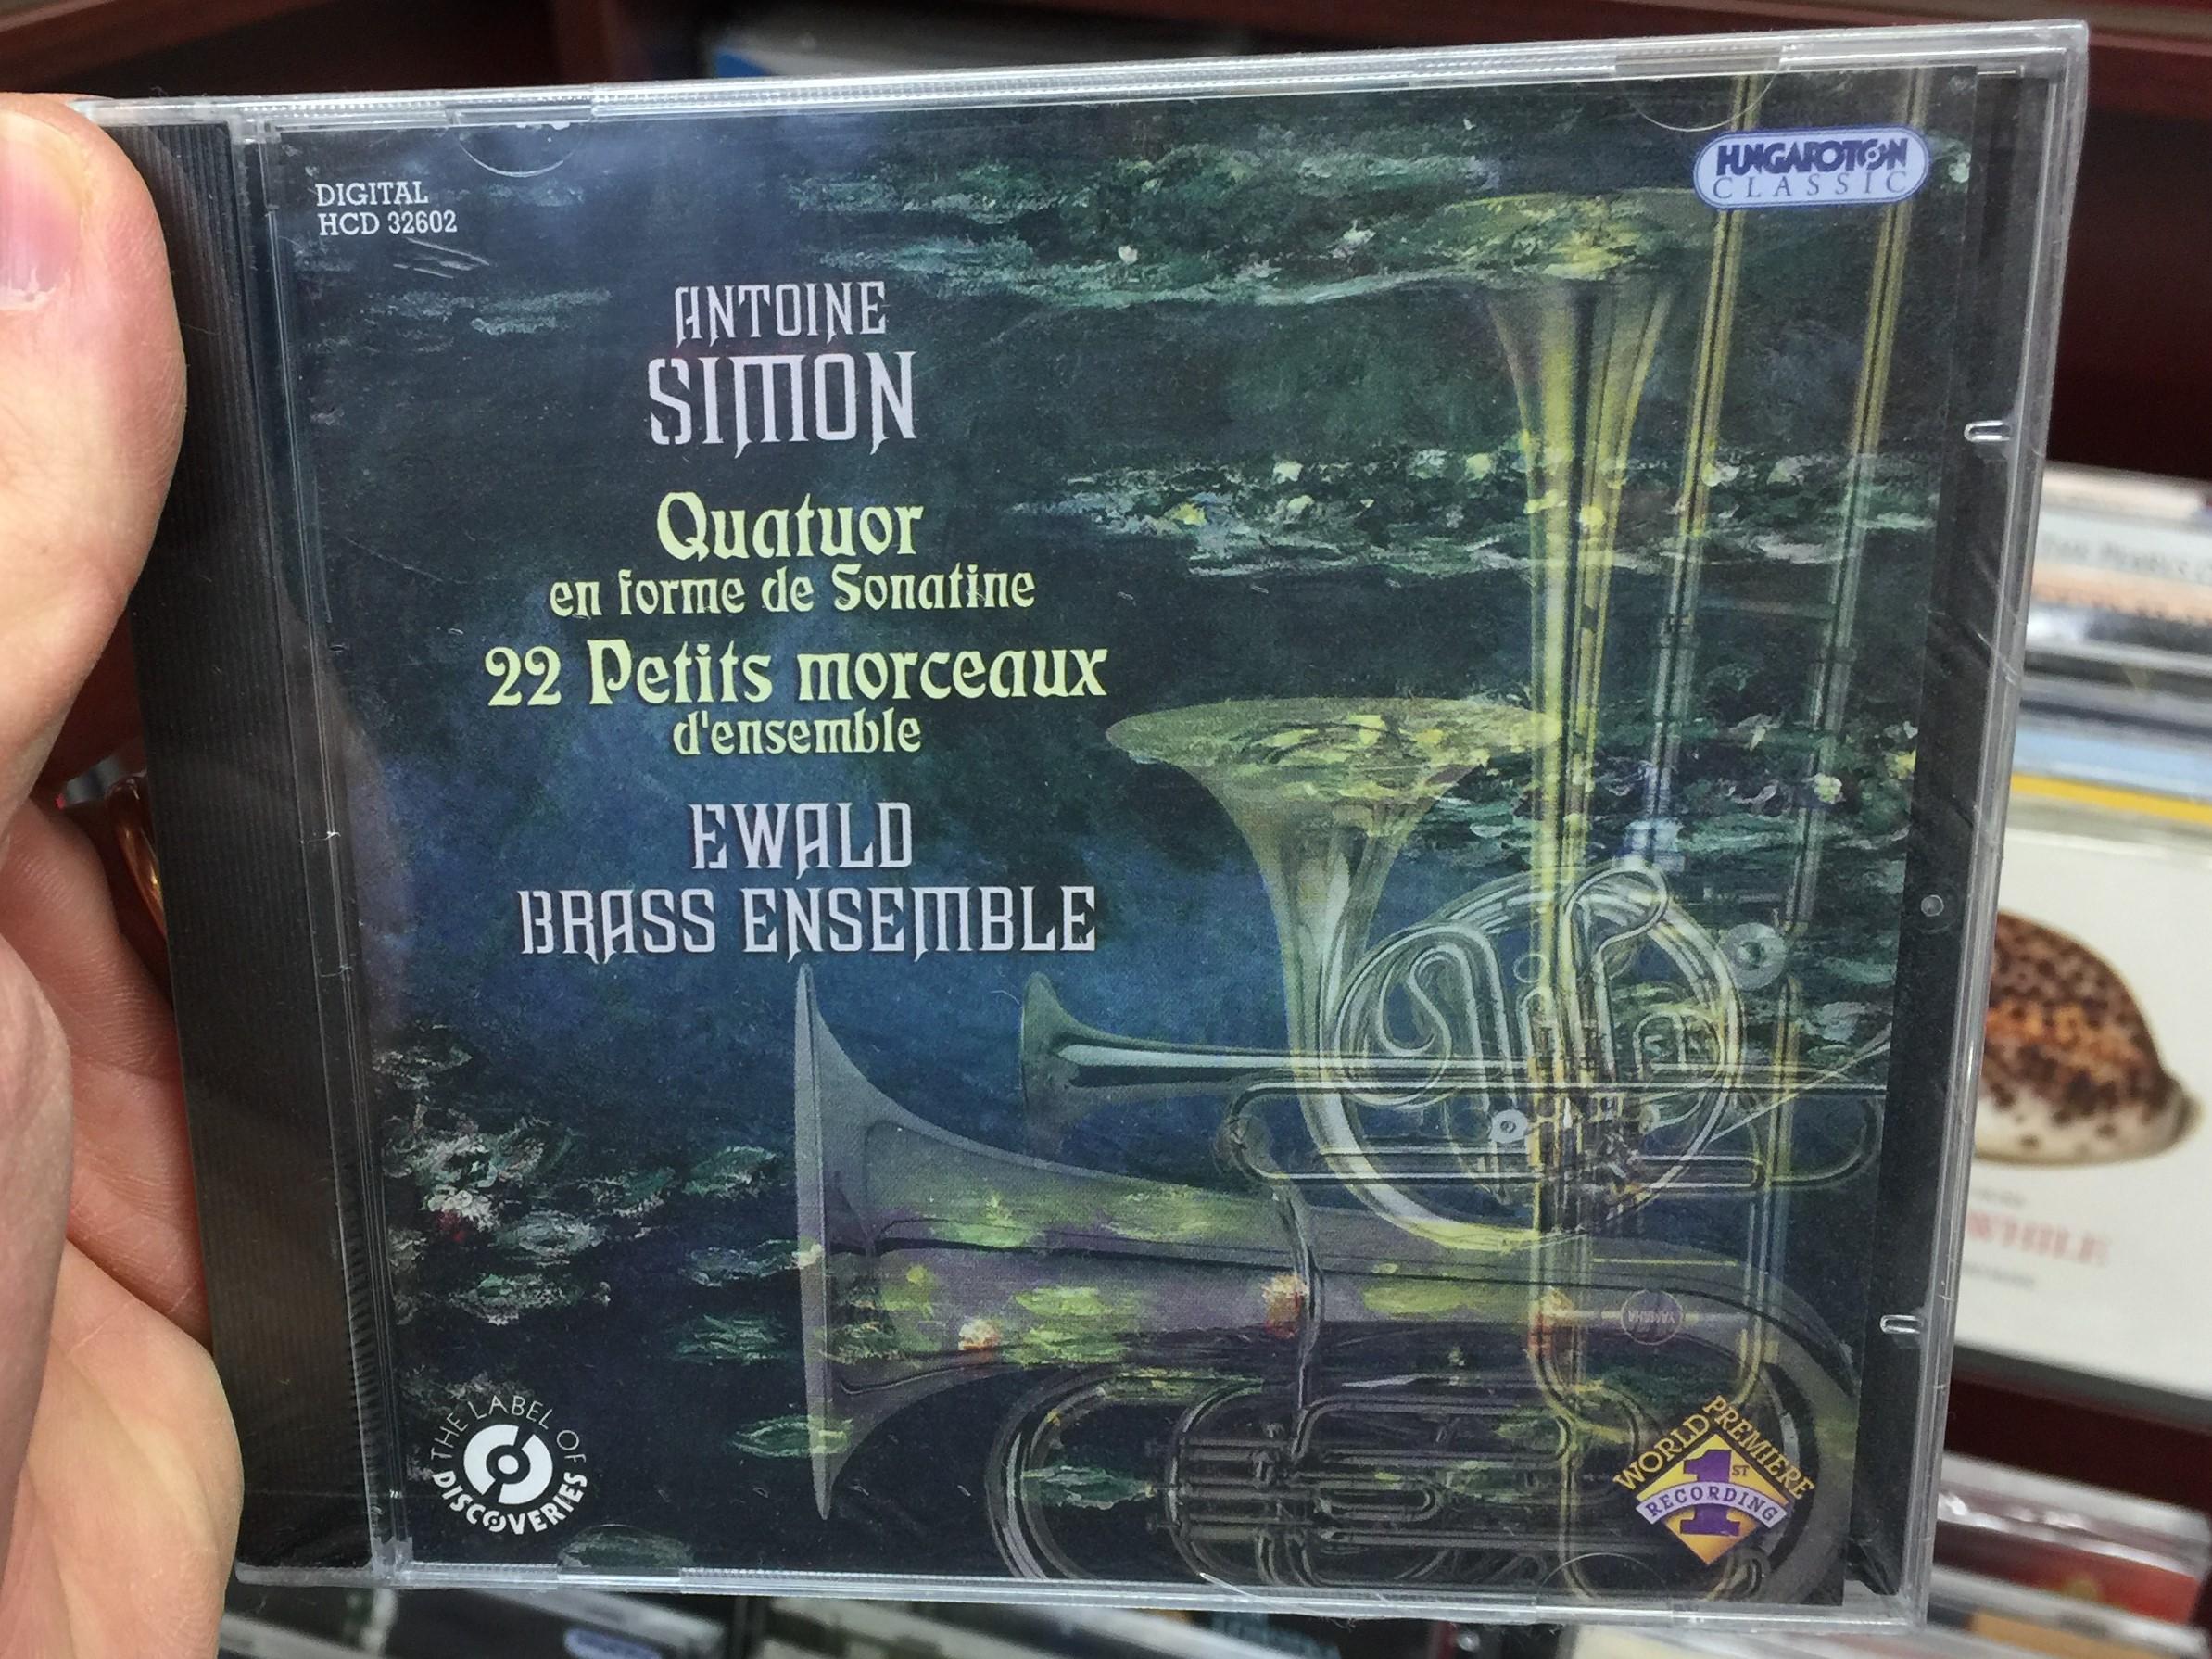 antoine-simon-quatuor-en-forme-de-sonatine-22-petits-morceaux-d-ensemble-ewald-brass-ensemble-hungaroton-classic-audio-cd-2010-stereo-hcd-32602-1-.jpg